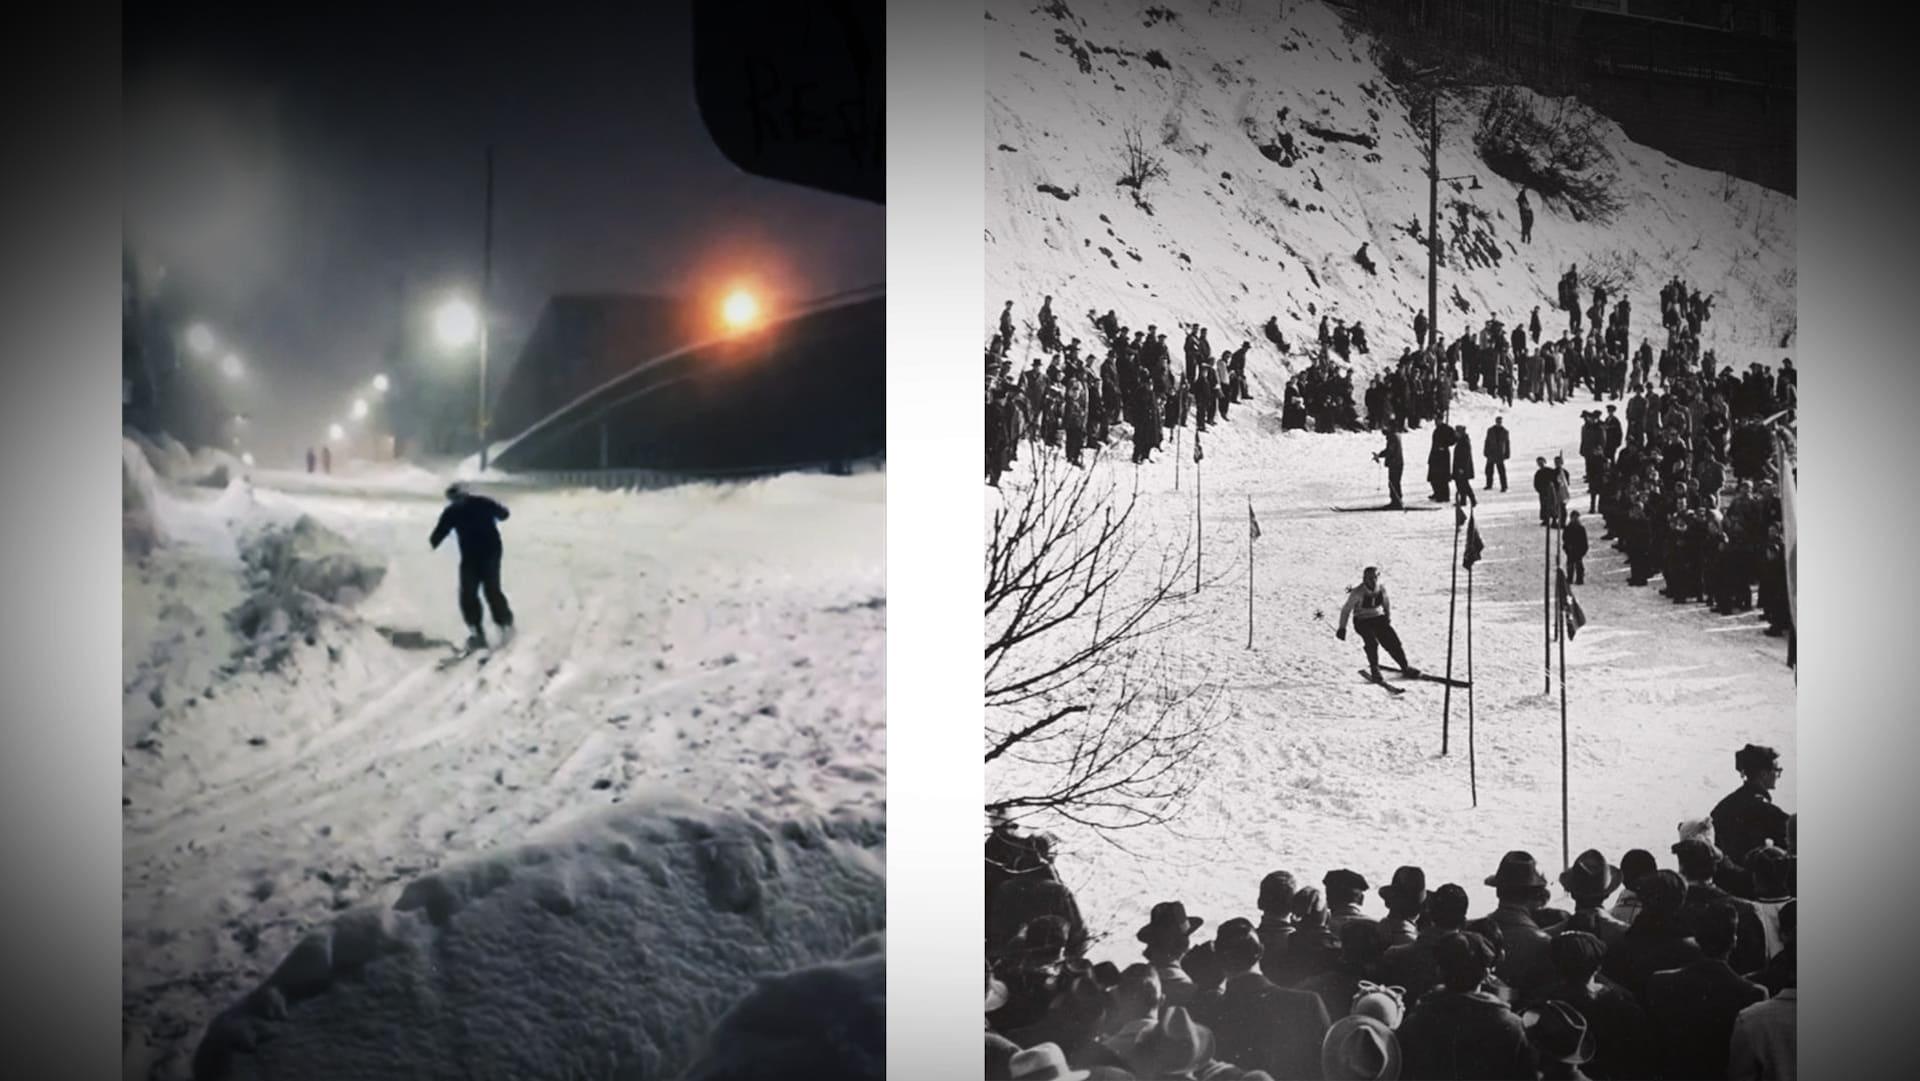 À gauche, un skieur dans la côte de Salaberry en février 2019, à droite, un skieur dans la côte de Salaberry en février 1956